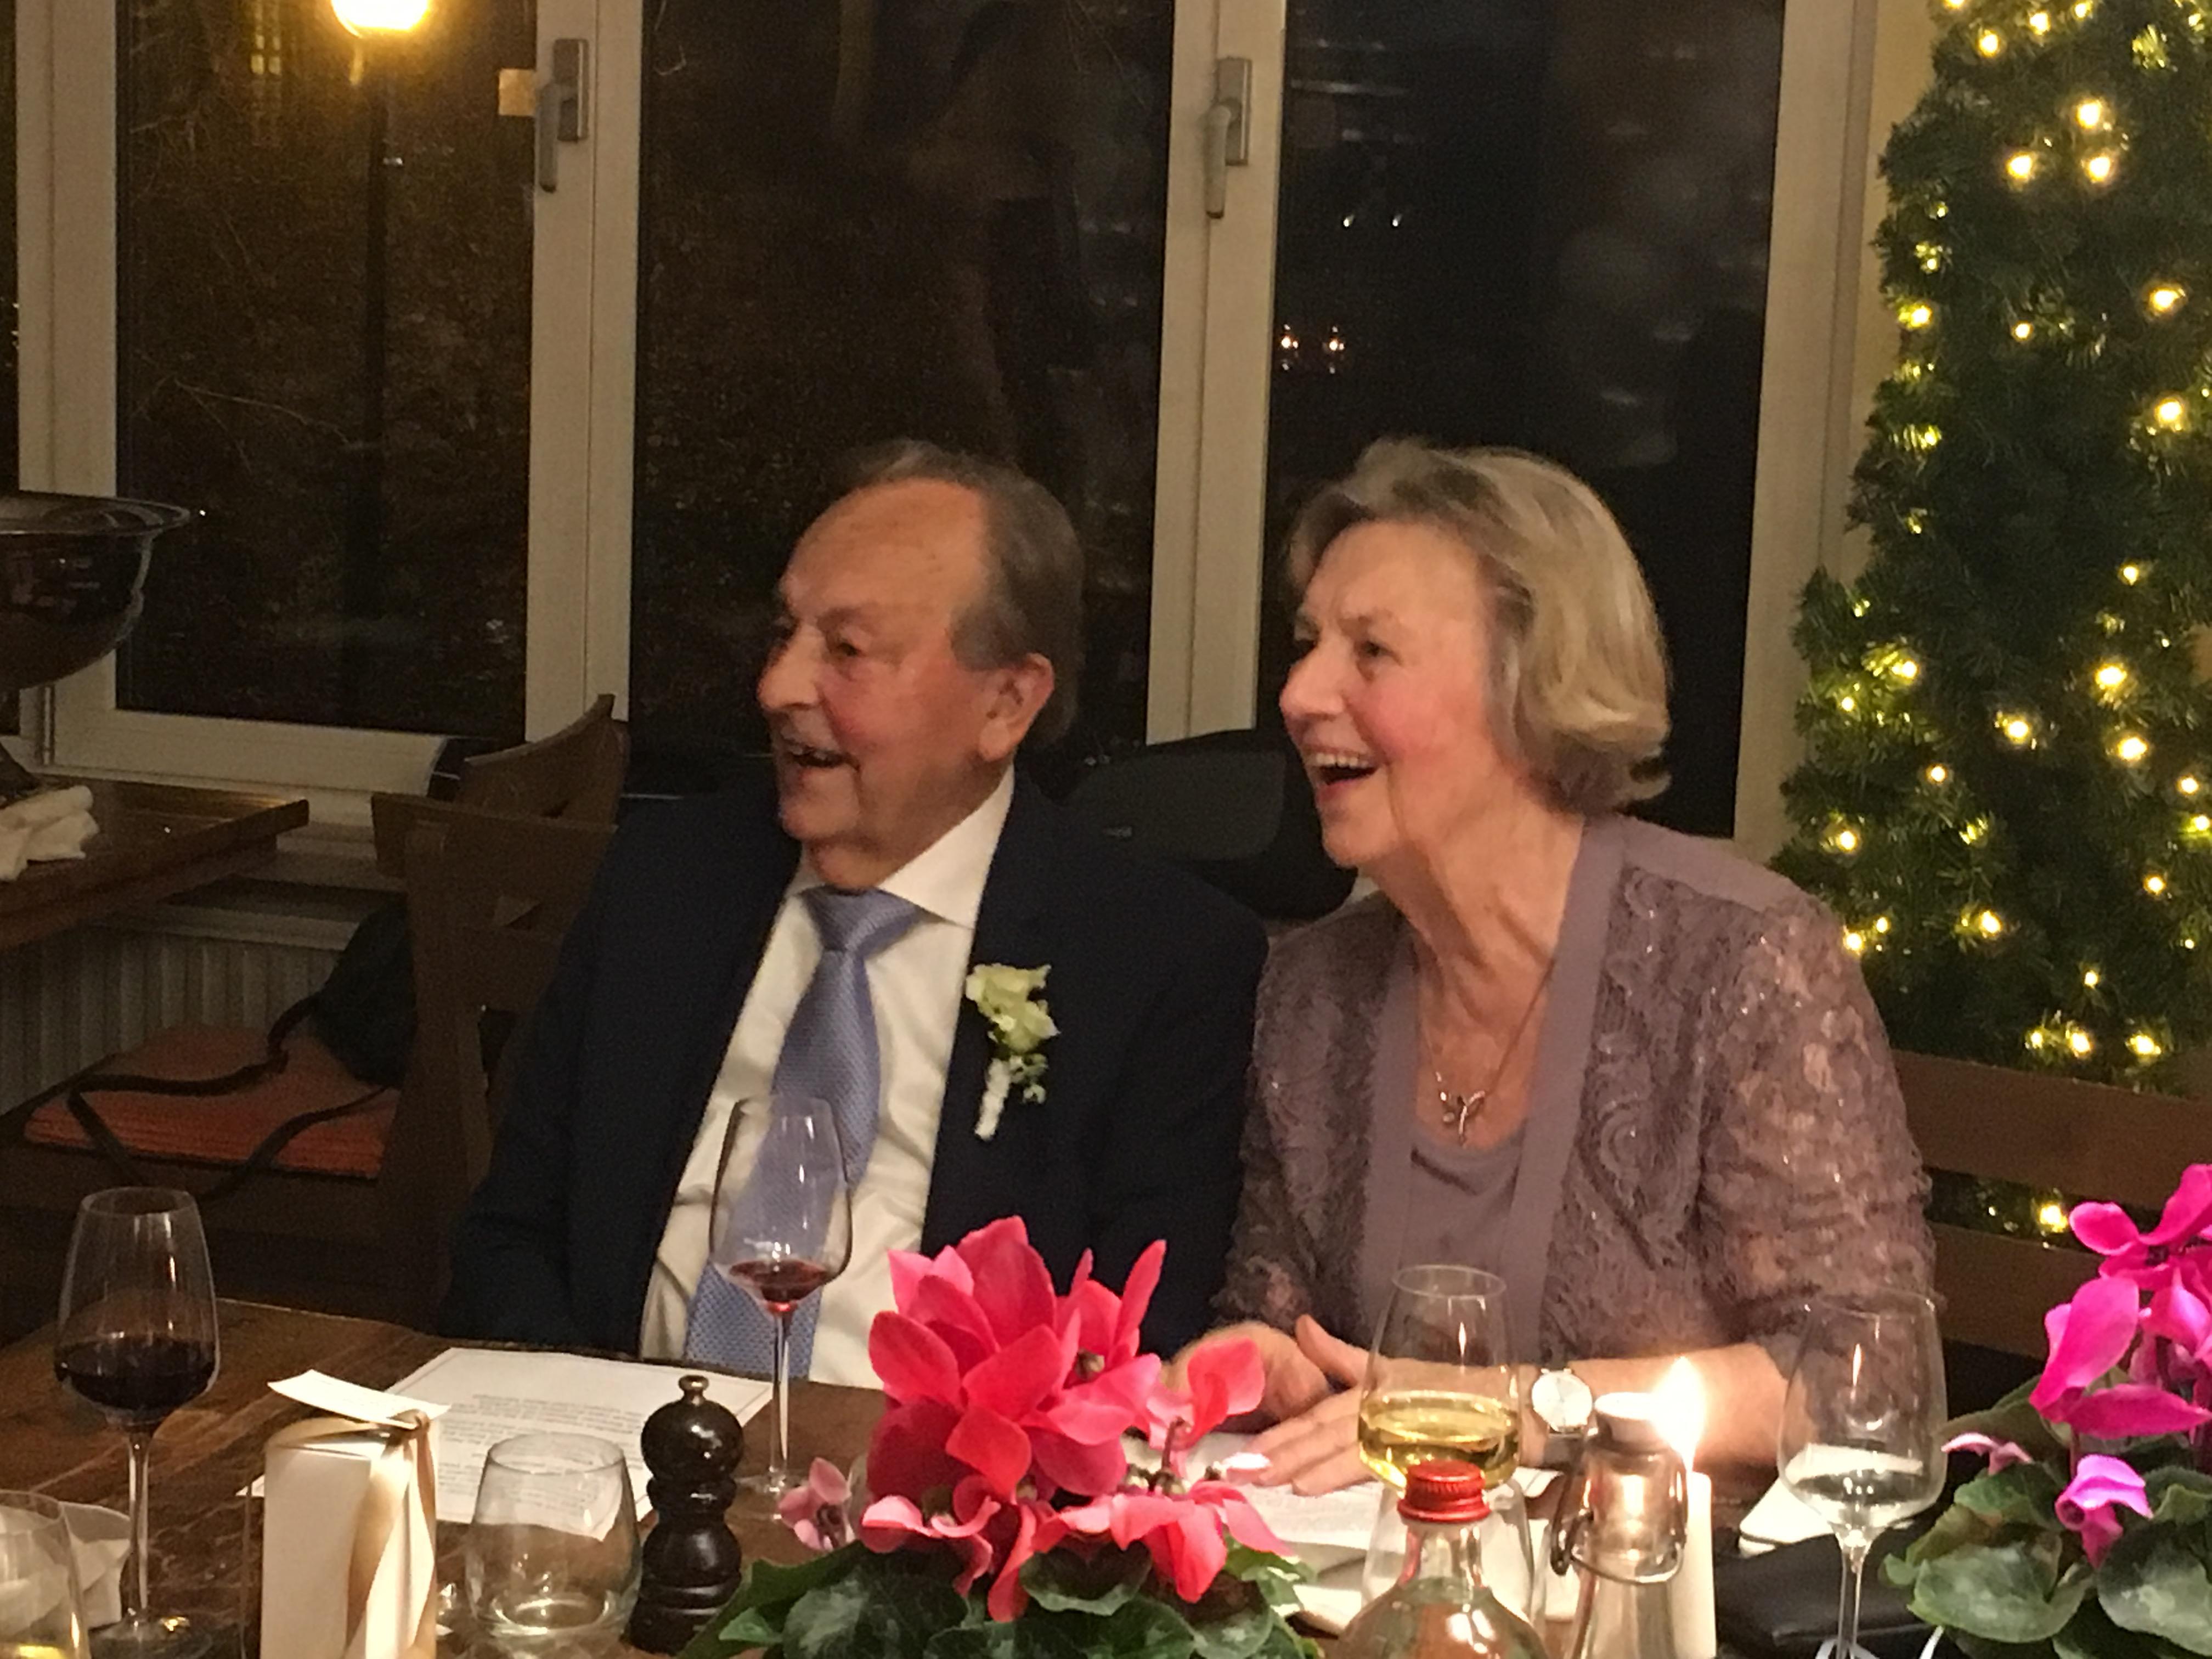 Hans en Marianne de Bruin - Meijer genieten al 60 jaar volop van elkaar en van het leven. (Foto: Daphne Cieraad-de Bruin )